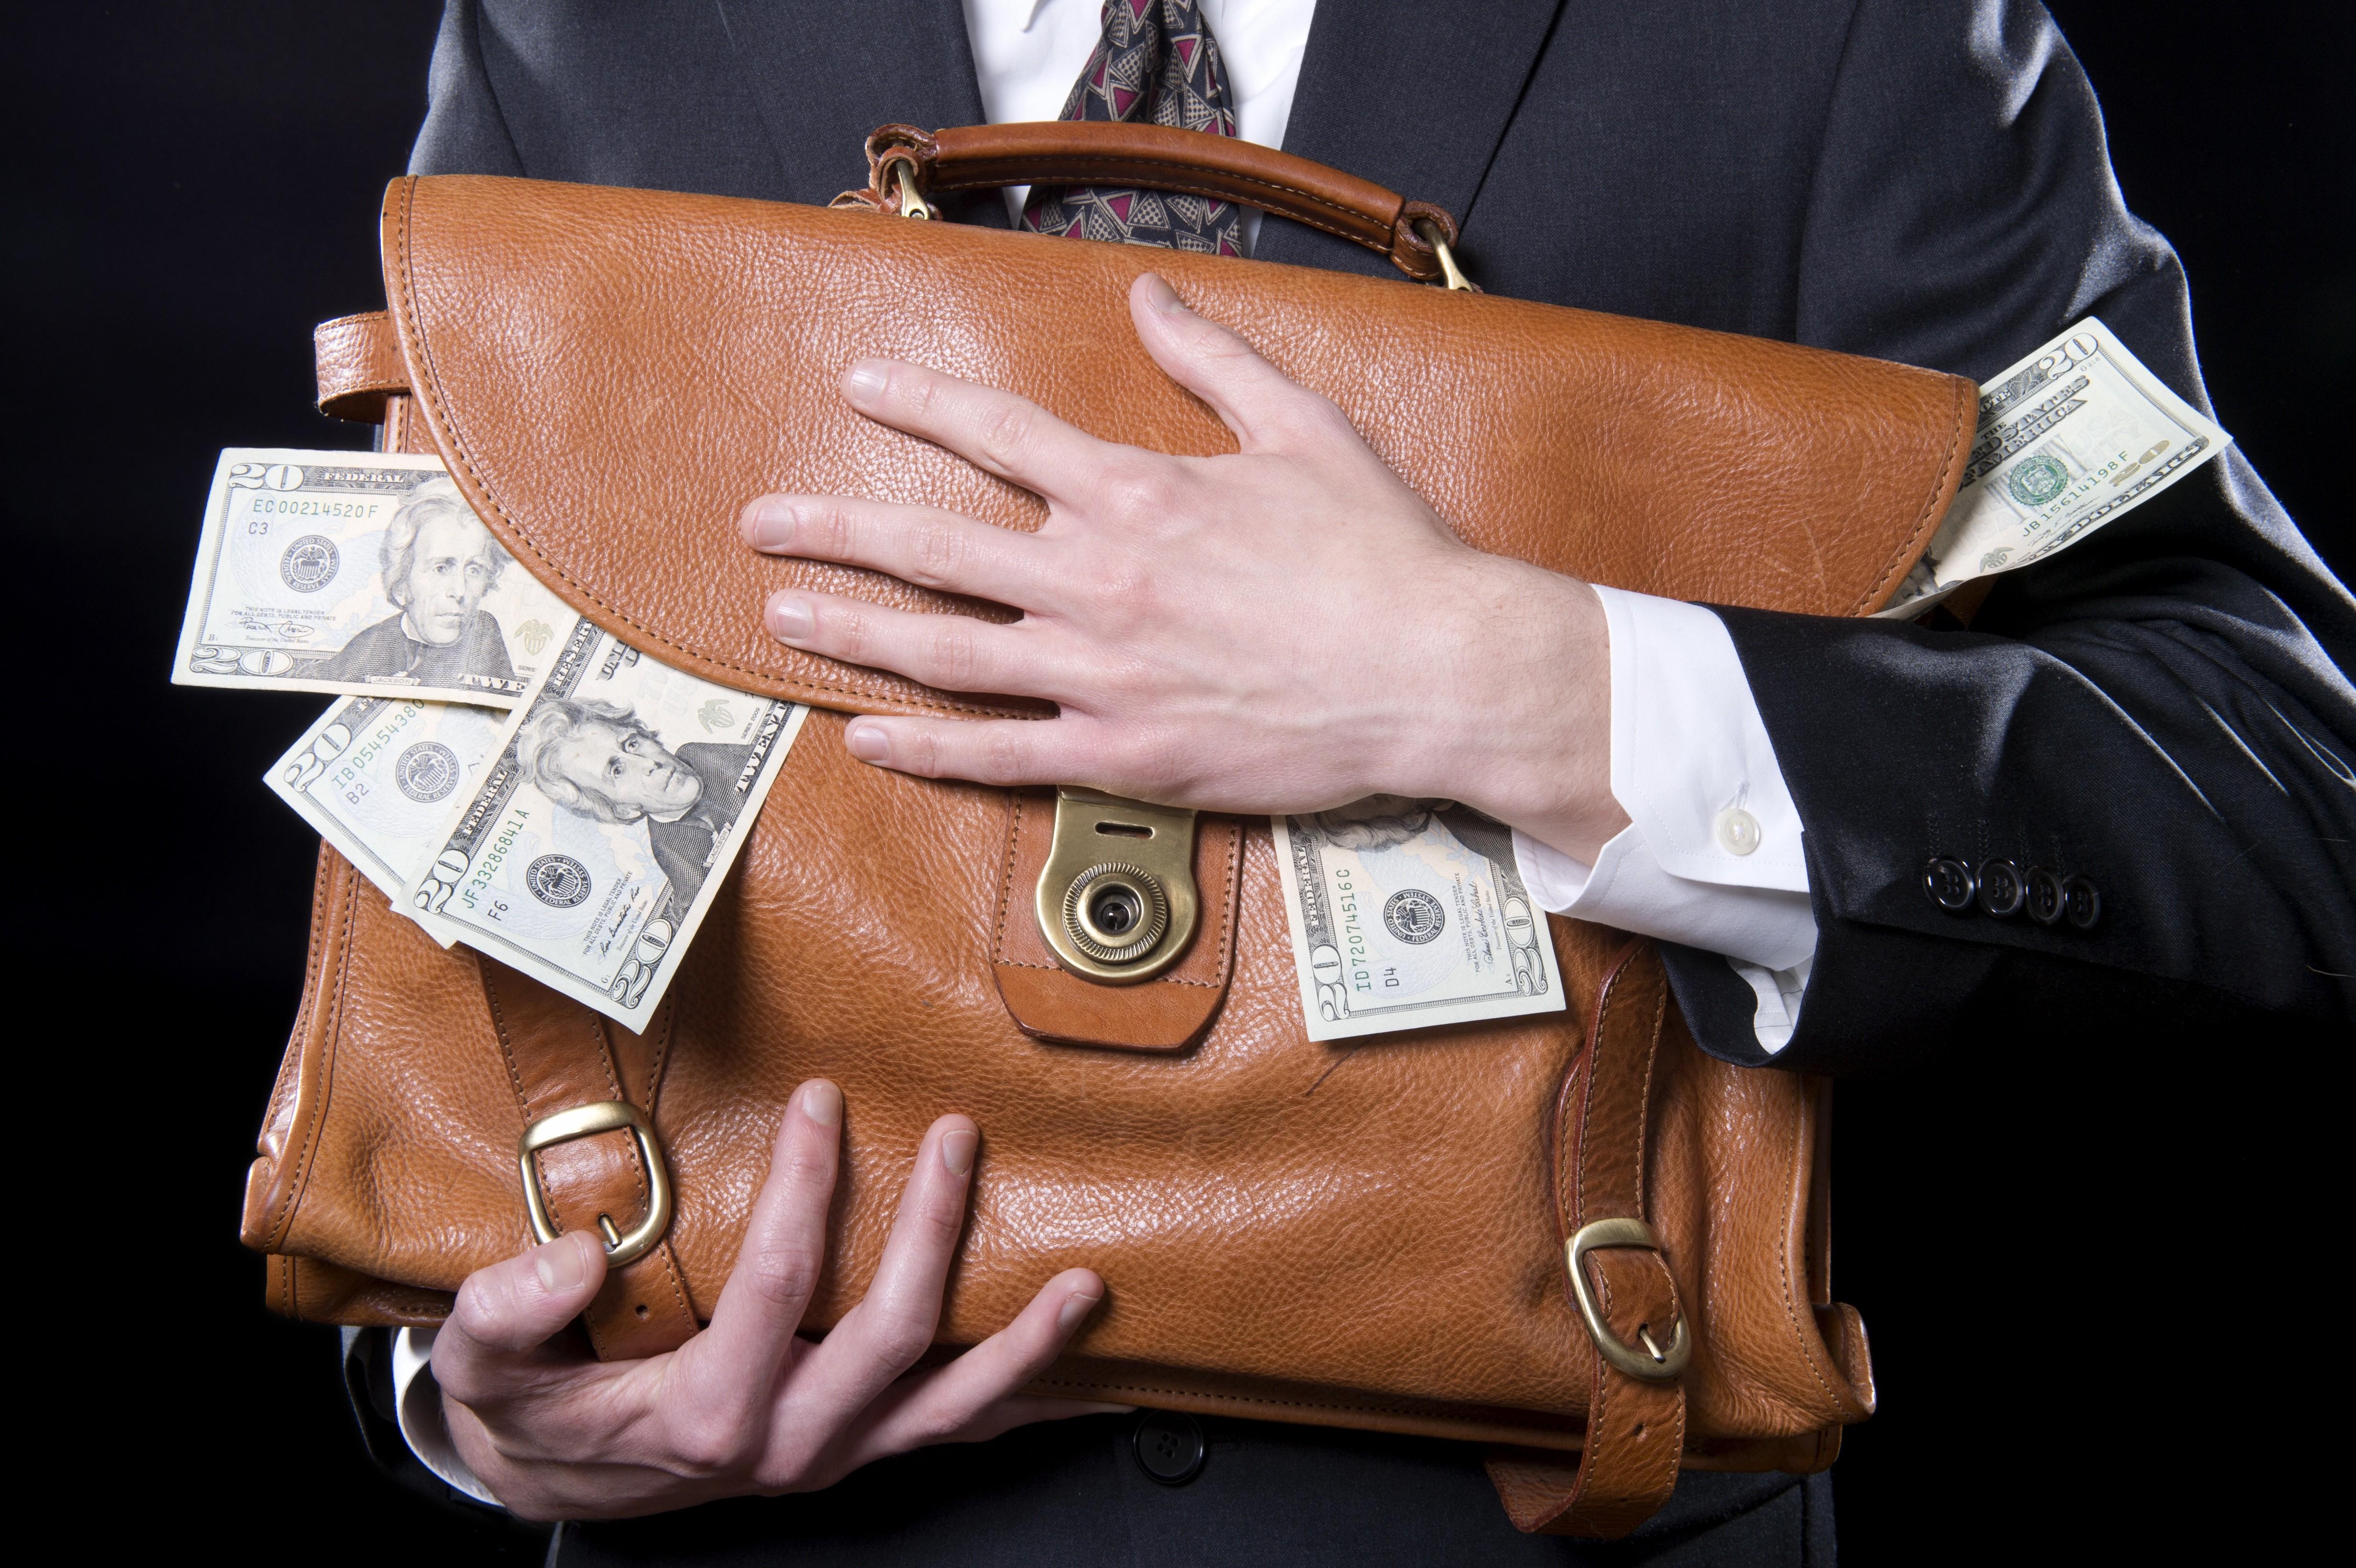 СБУ разоблачила факты хищения 235 млн грн в госпредприятии «Укрхимамиактранс»